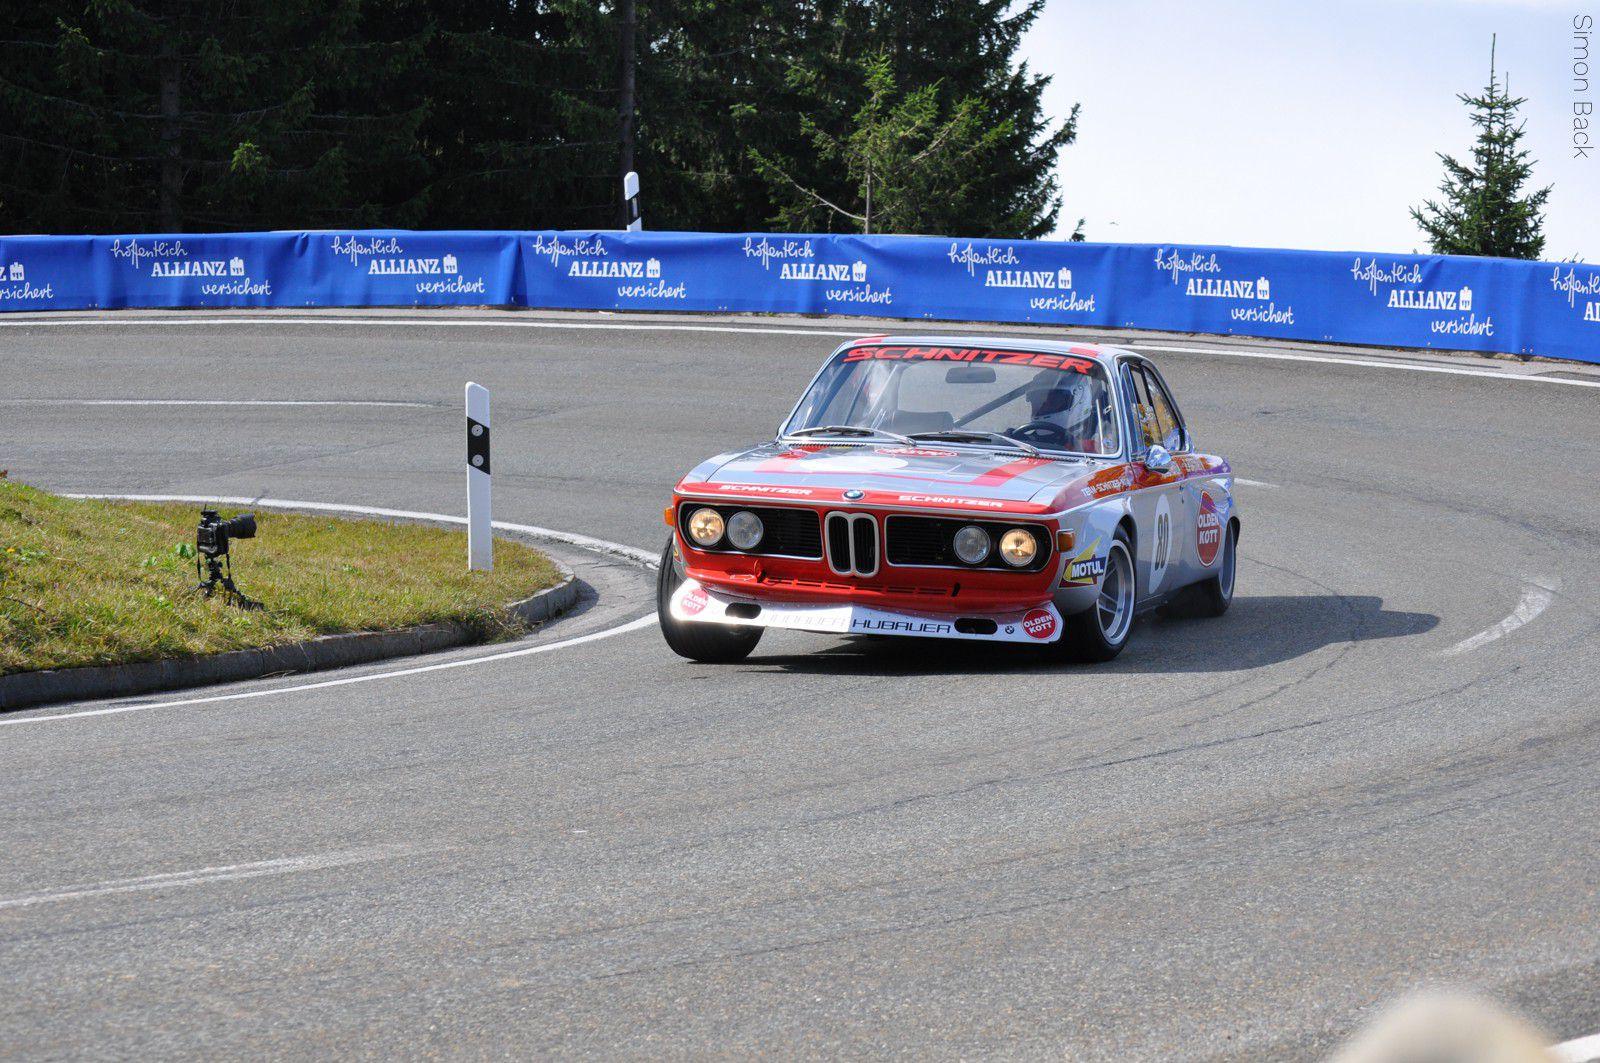 Auto und Sportwagen - Rossfeldrennen BMW Schnitzer - Simon Back Fotografie